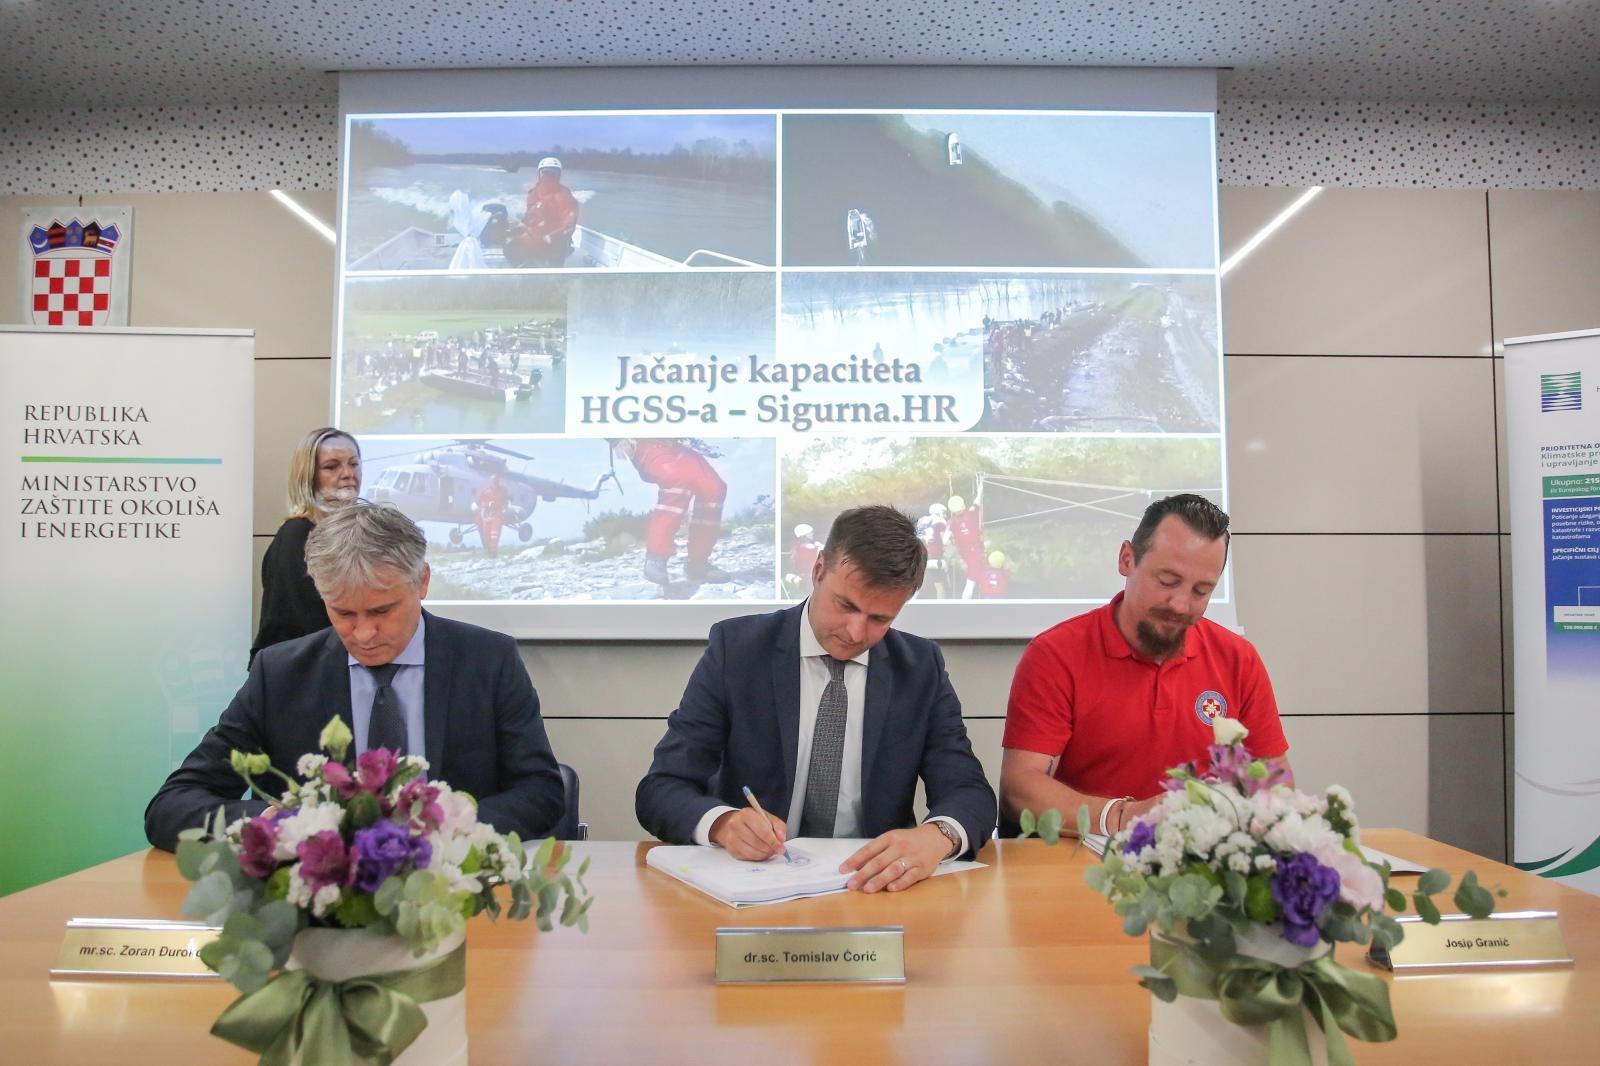 HGSS-u dodijeljeno 30 milijuna kuna za jačanje kapaciteta